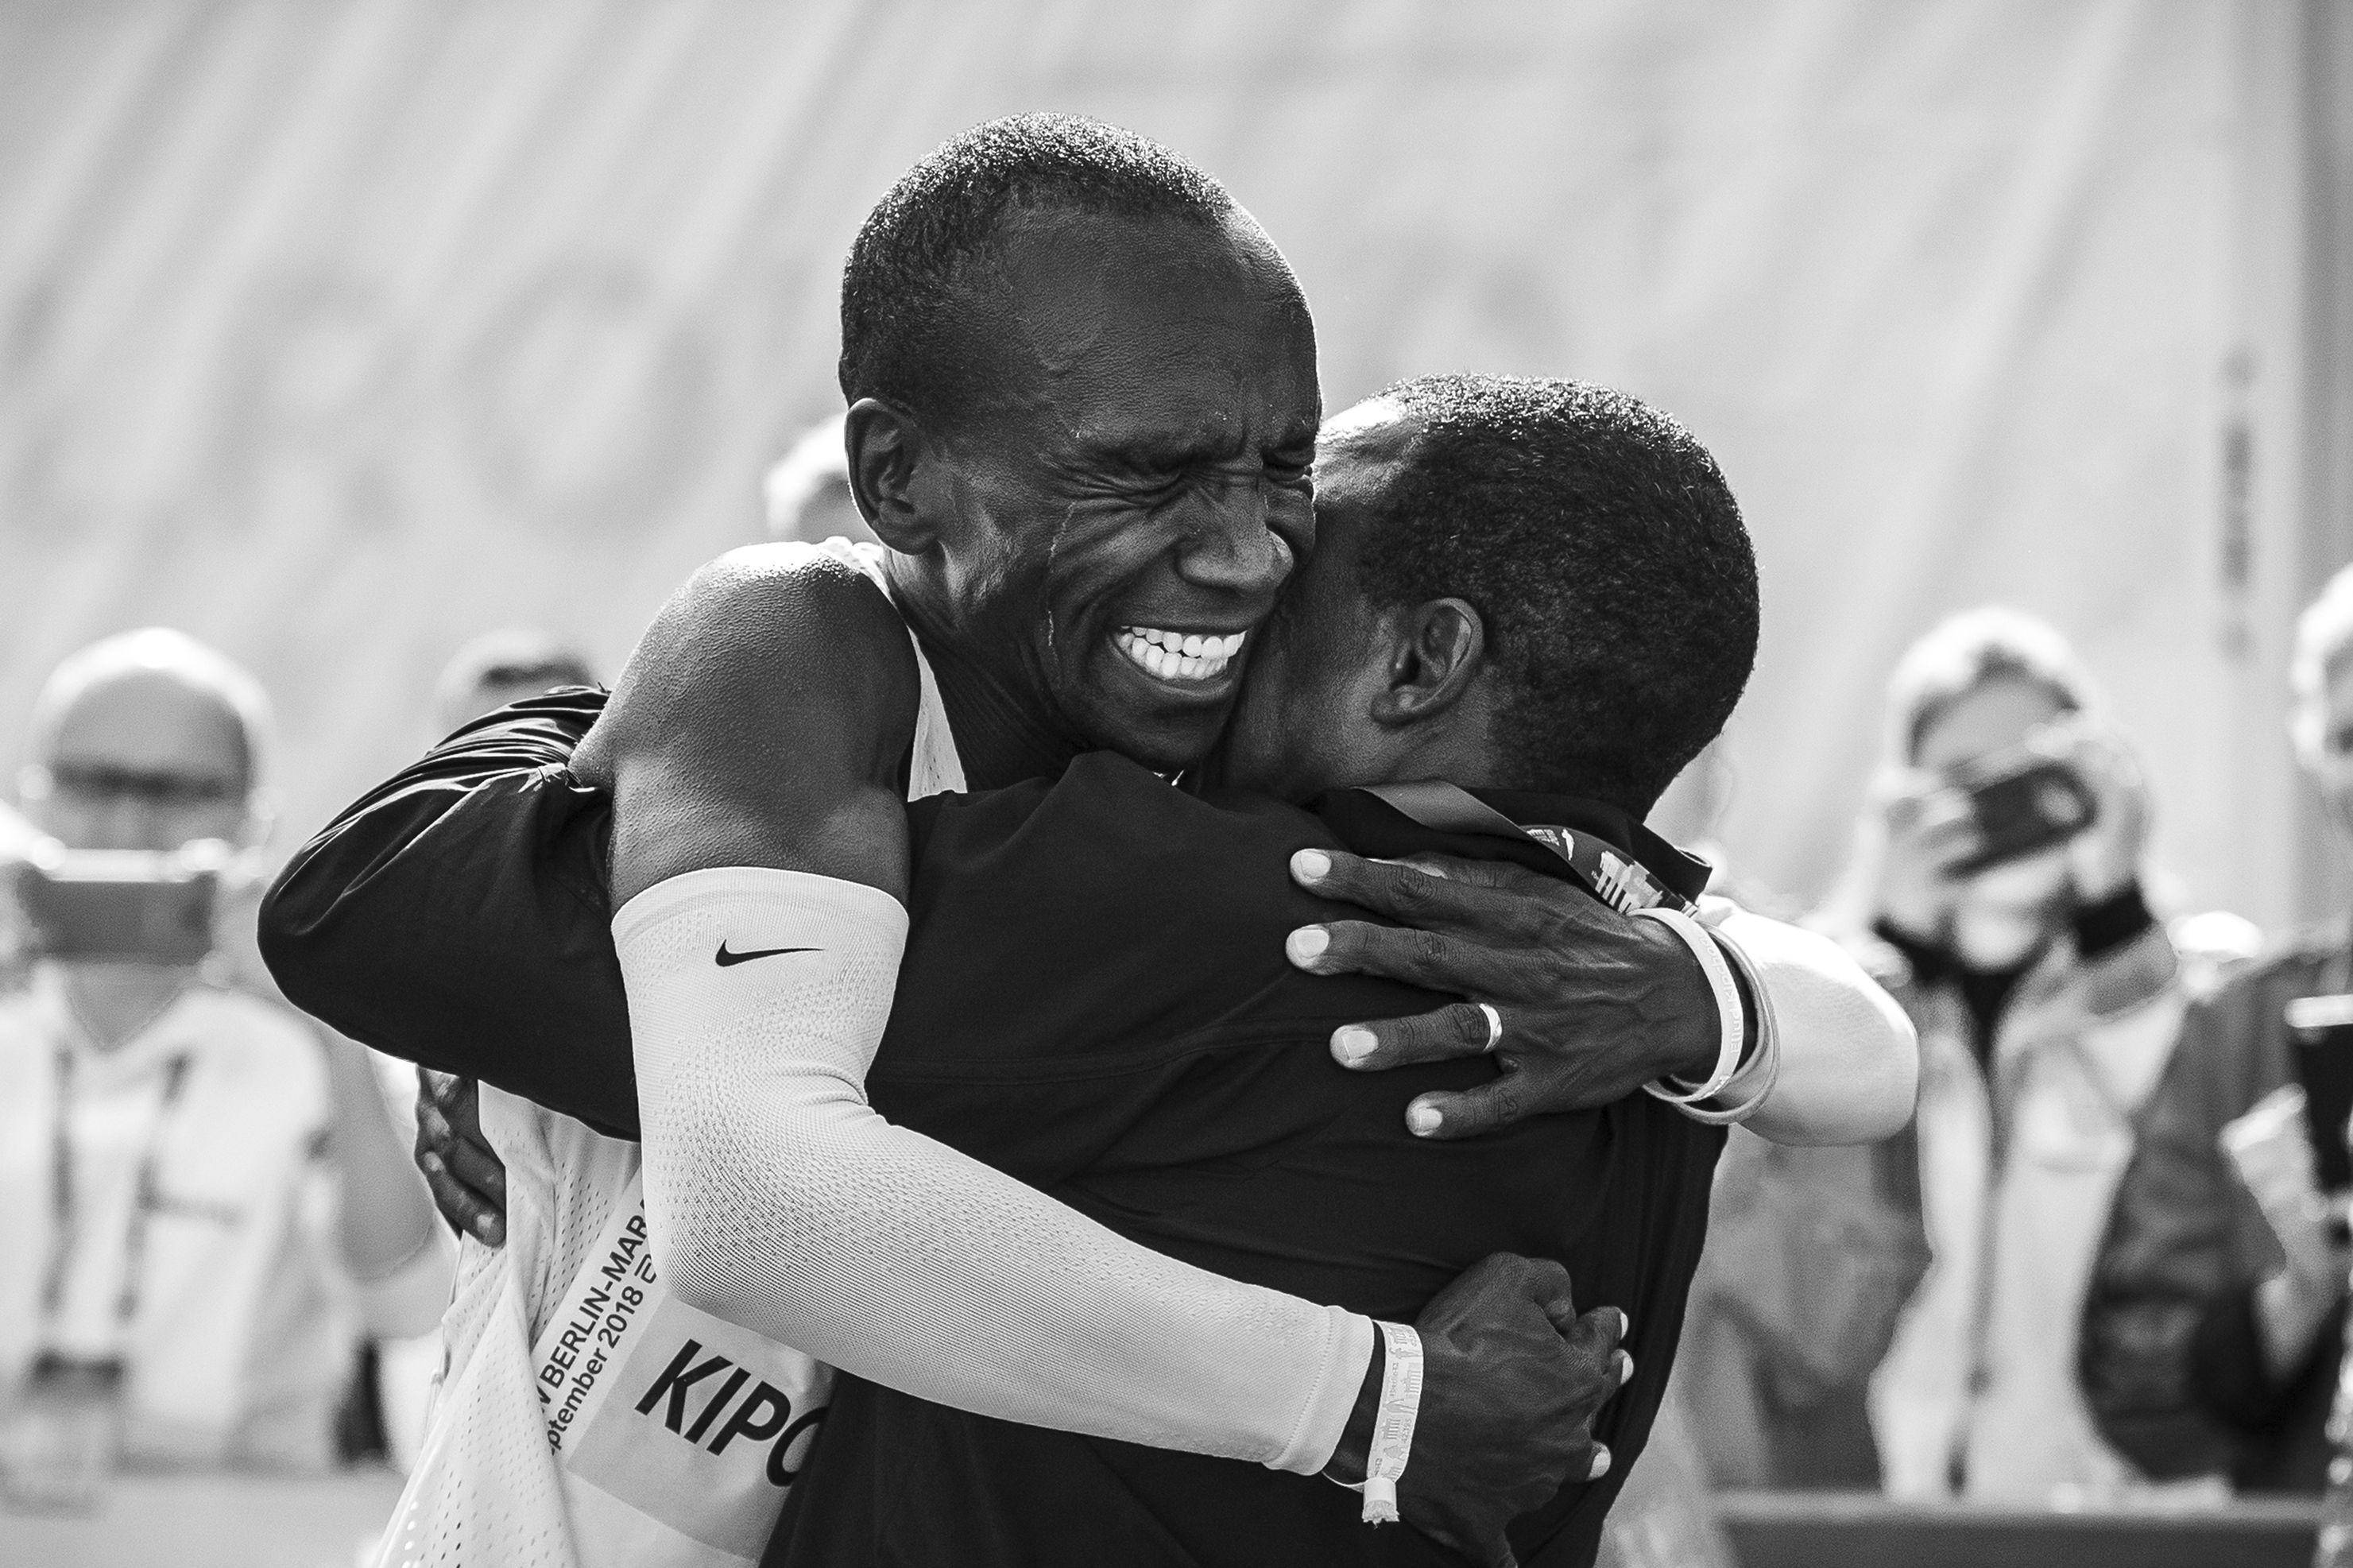 El récord atómico de maratón de Eliud Kipchoge | Deportes